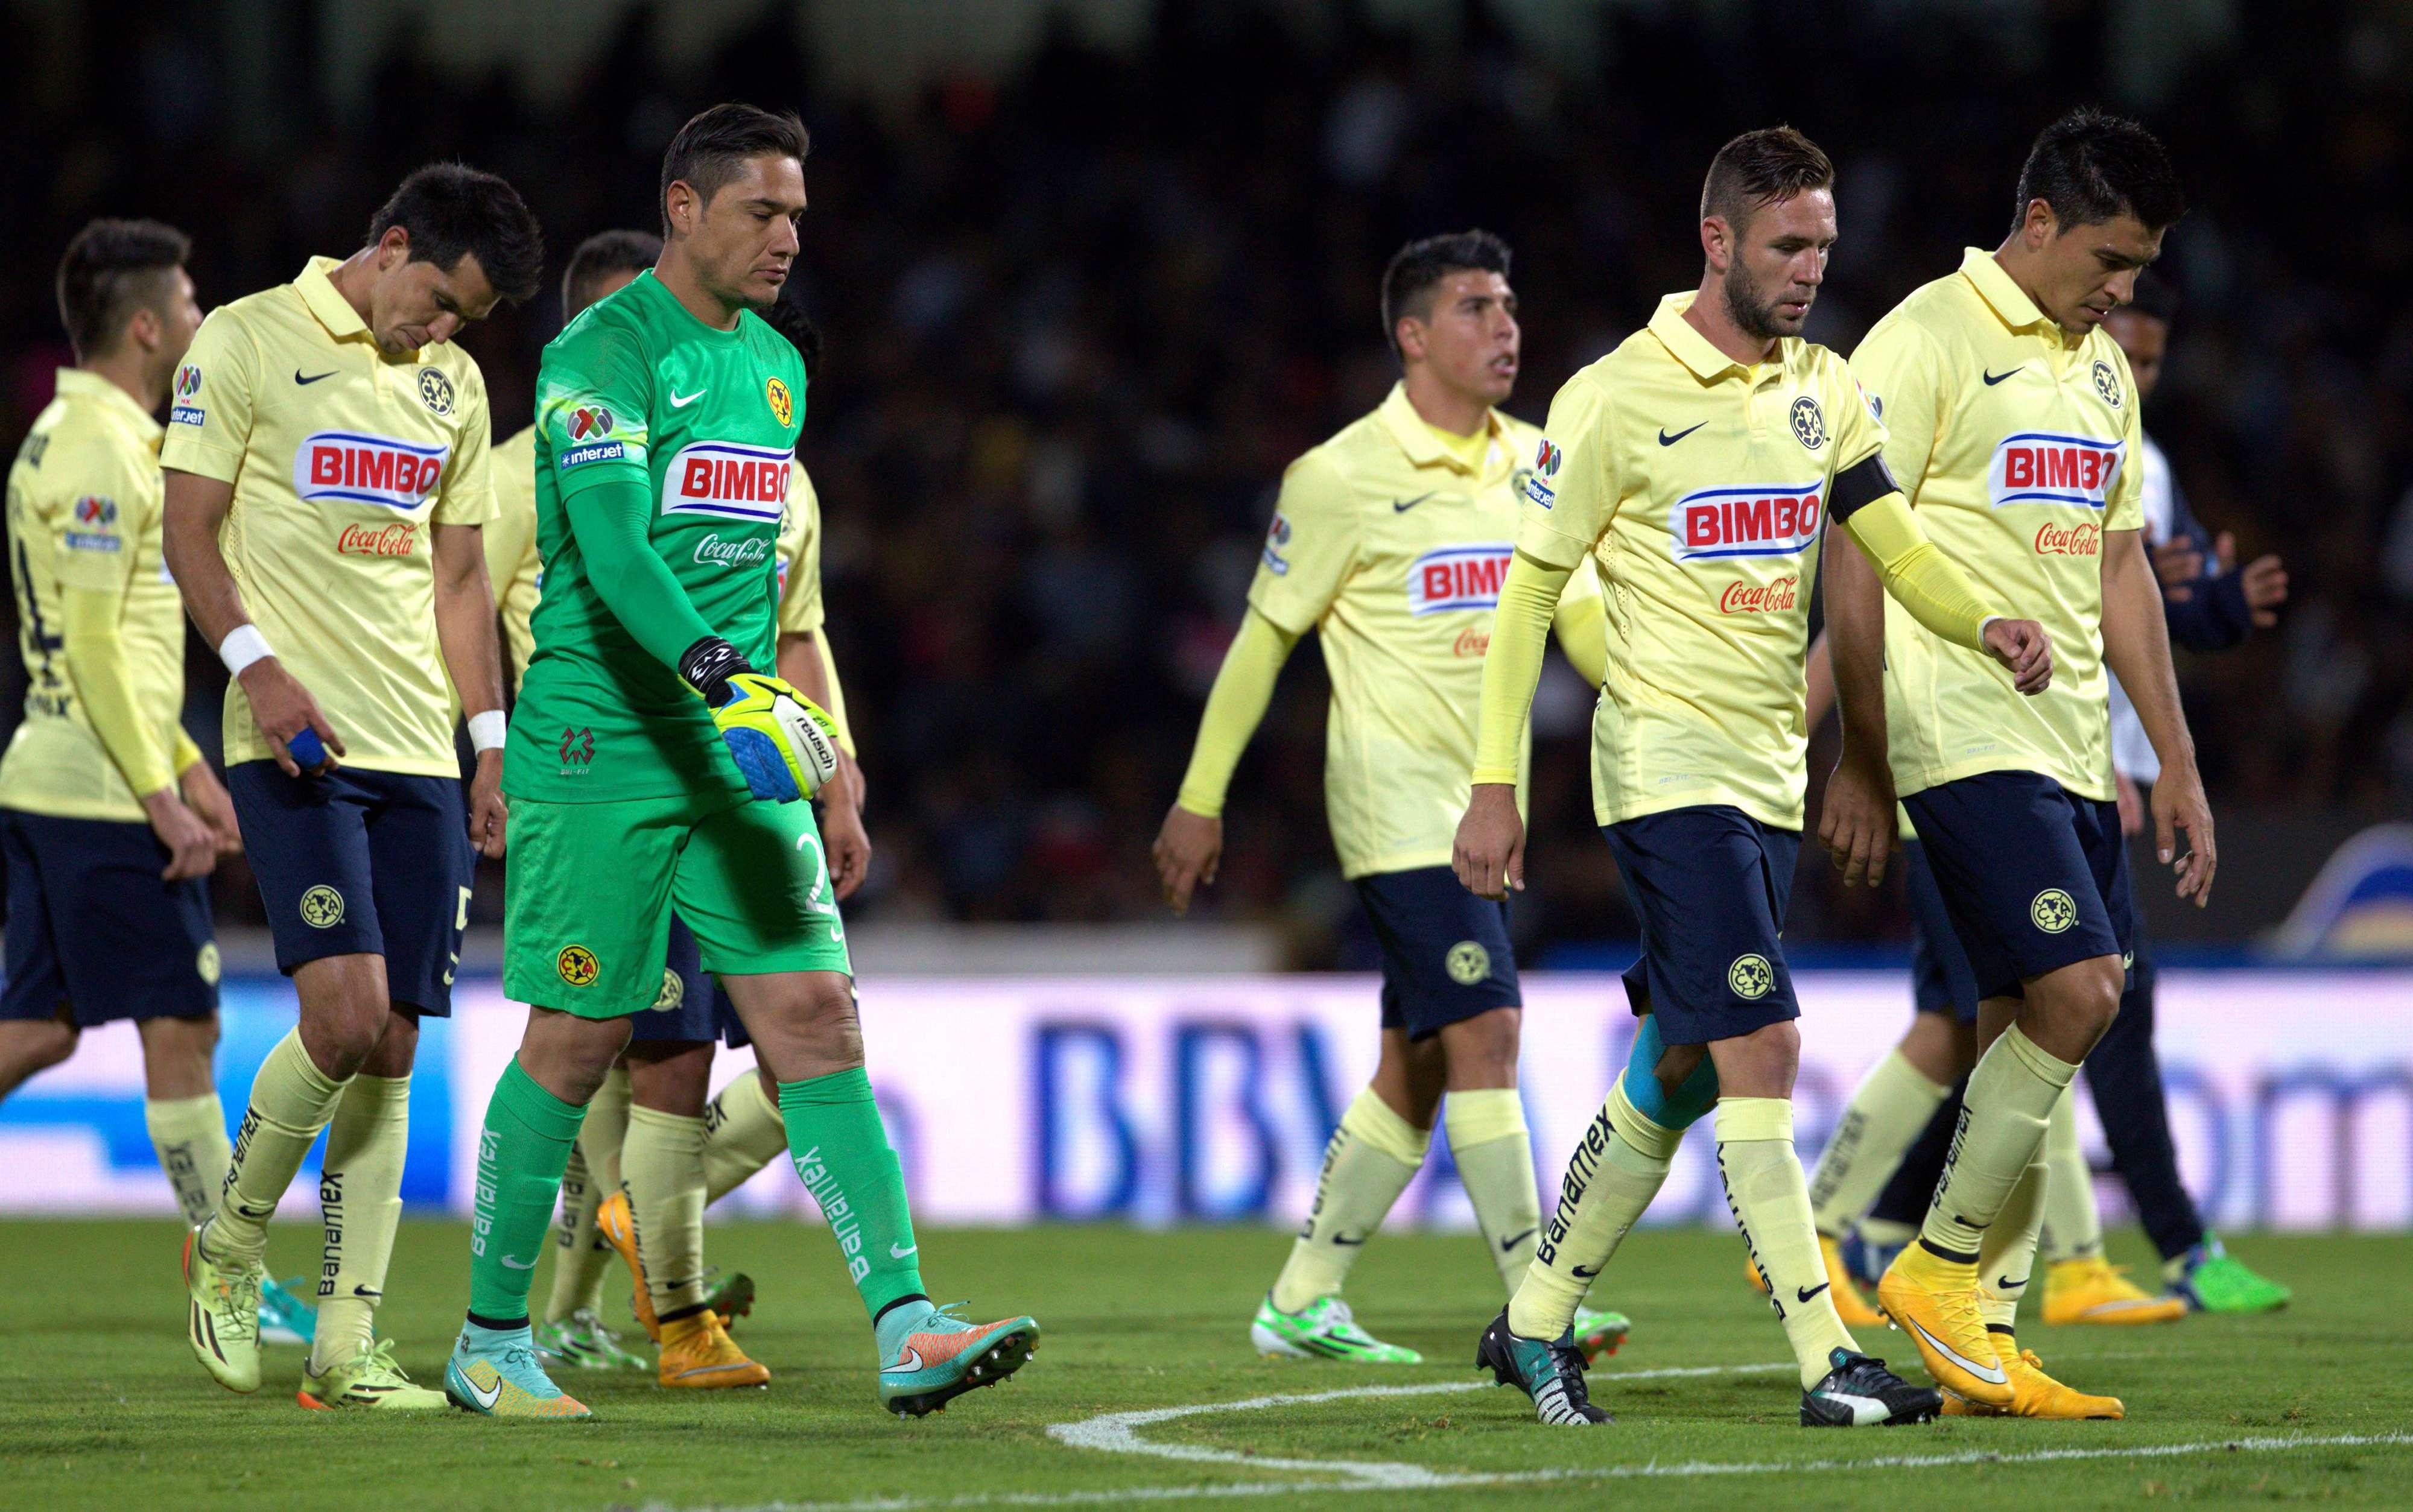 La eliminación ronda en Coapa Foto: Mexsport